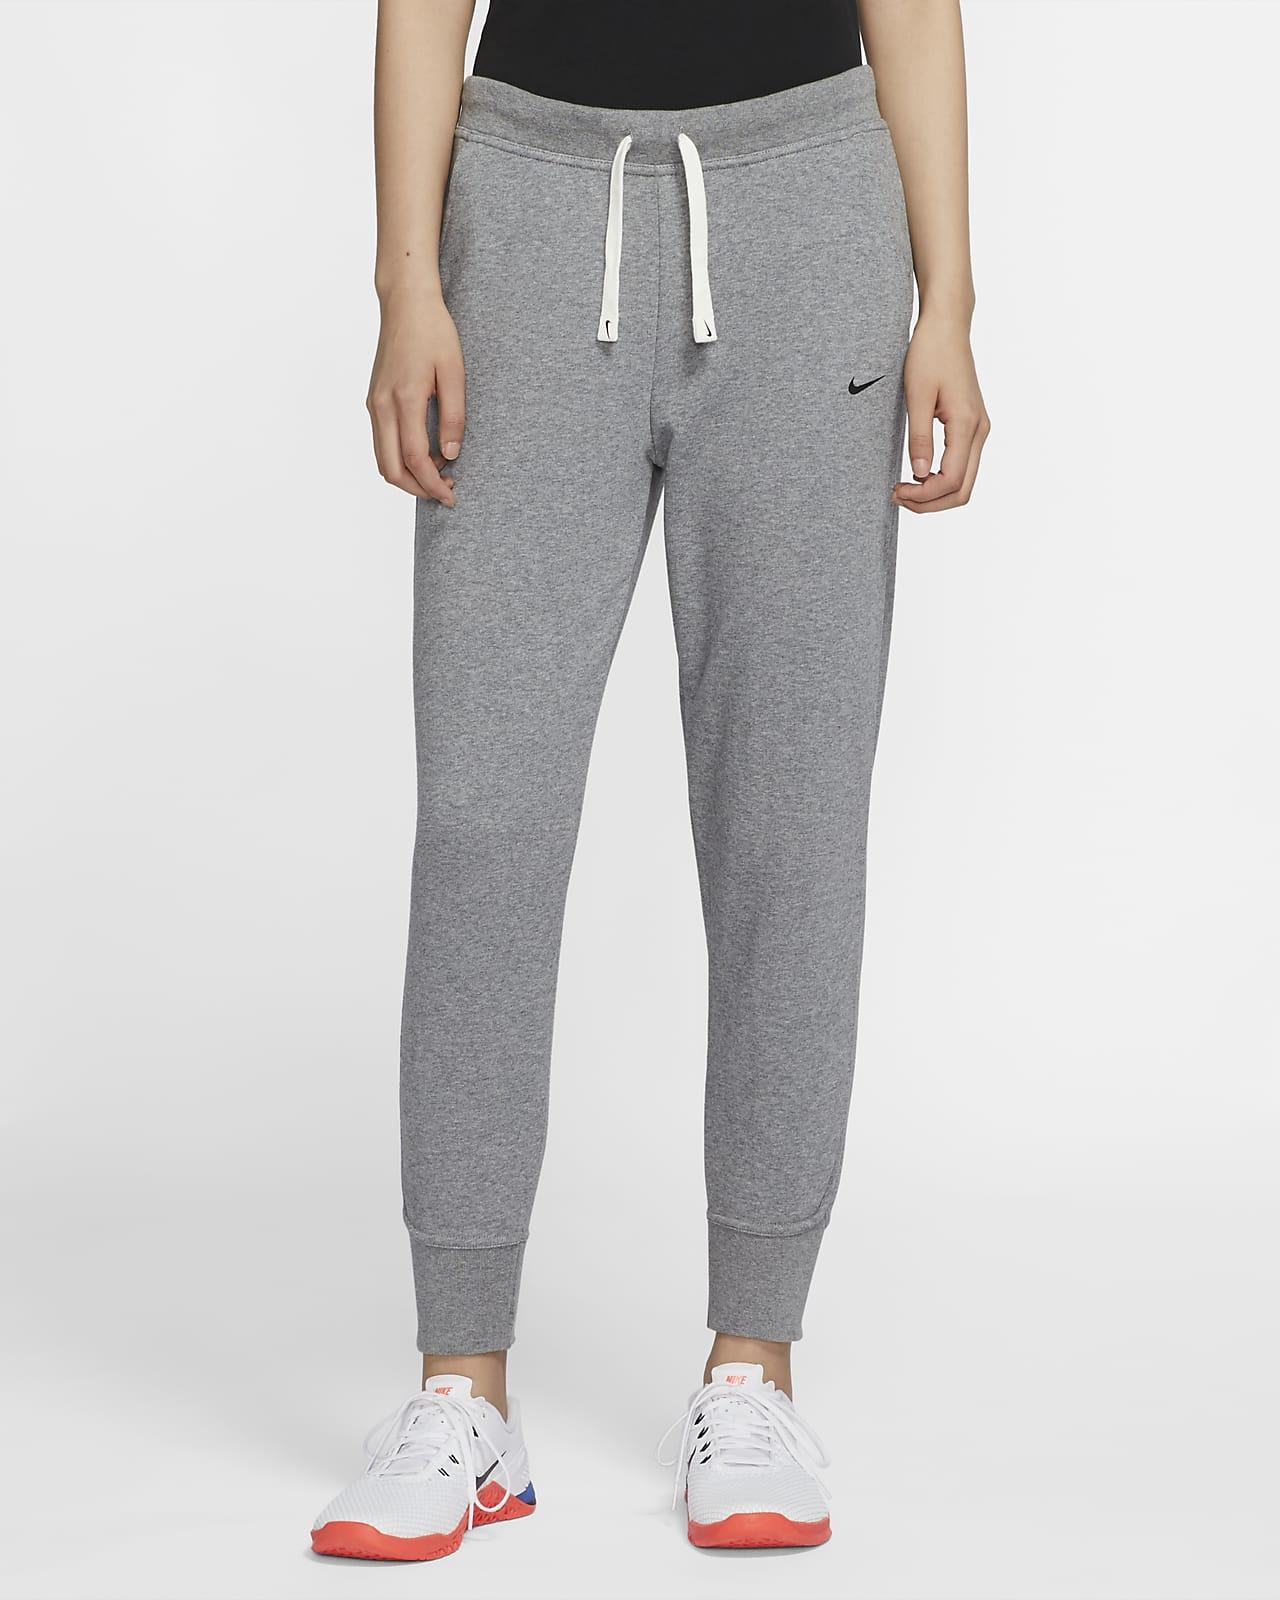 Calças de treino Nike Dri-FIT Get Fit para mulher